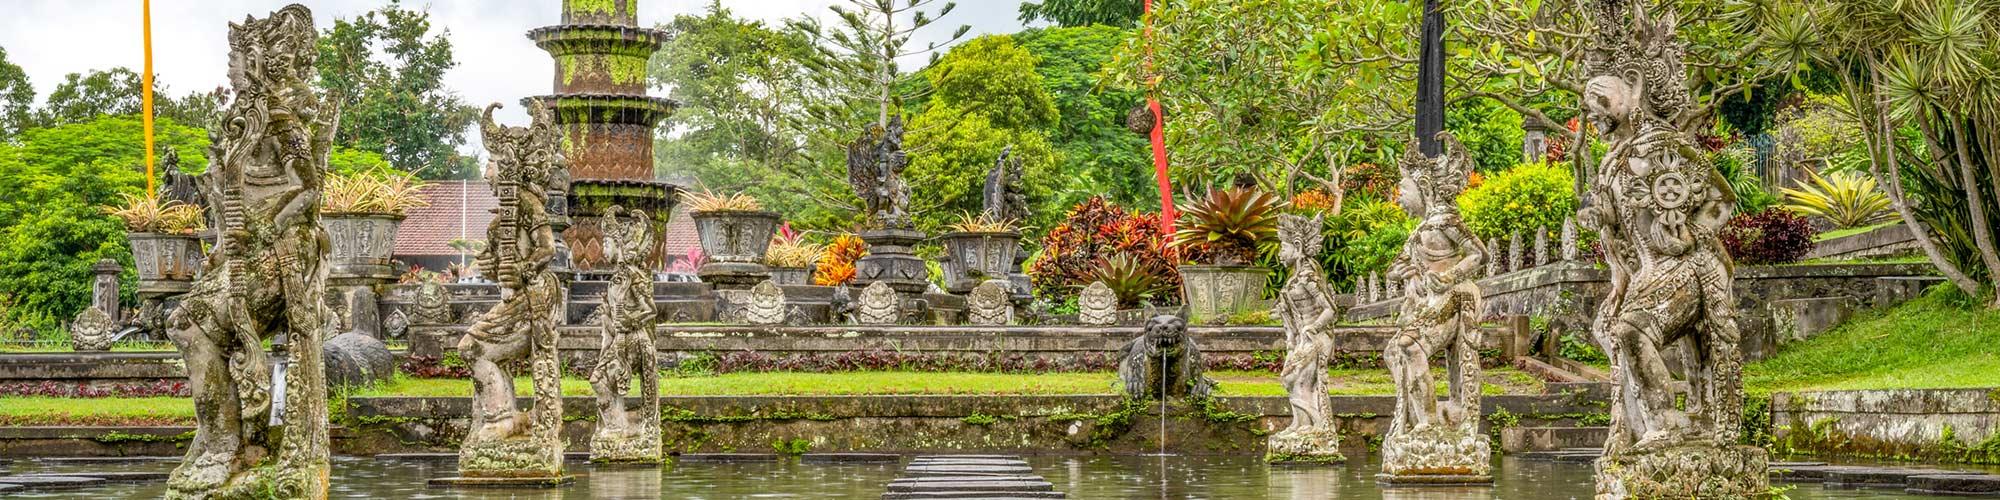 Palace de Tirta Gangga, Karangasem, Indonesia - El Pais Viajes